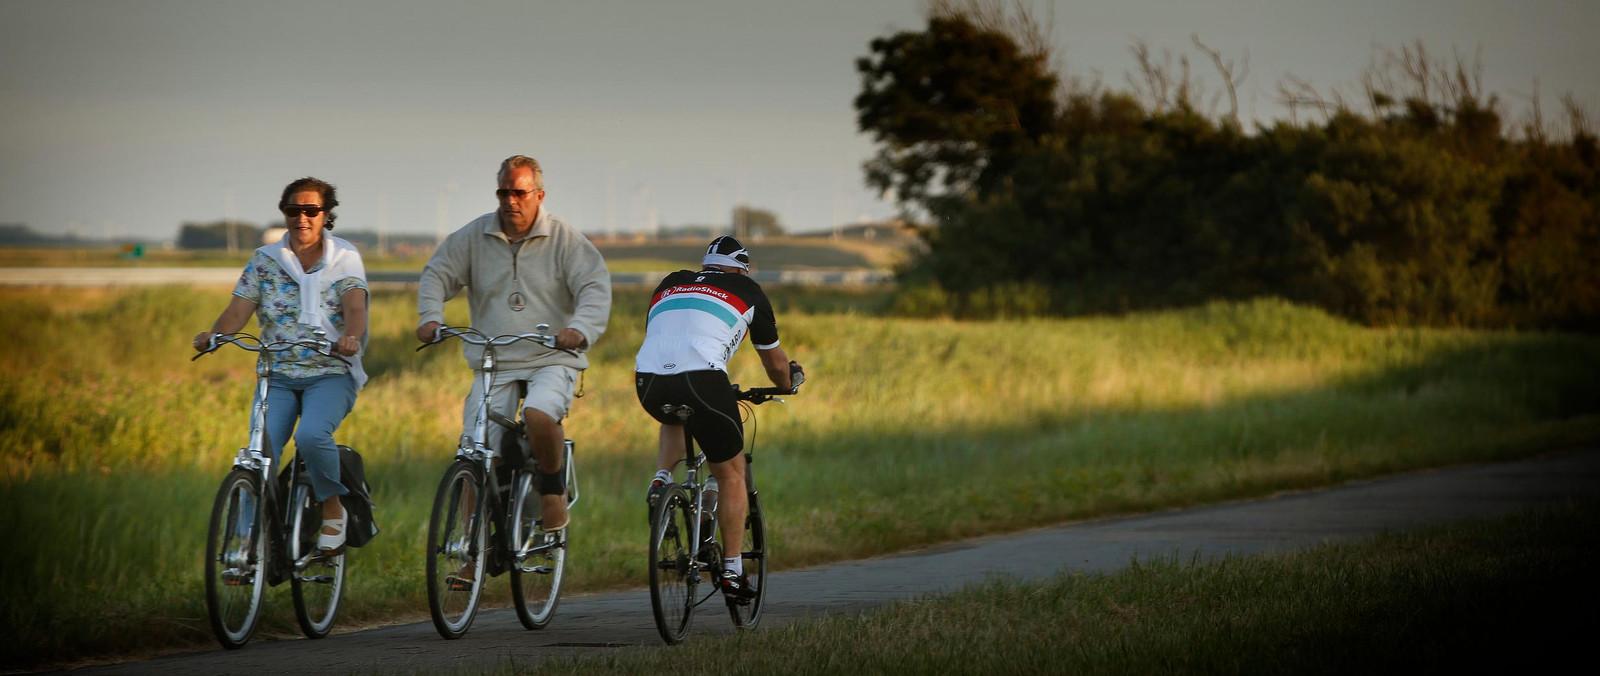 Een favoriete bezigheid van veel gepensioneerden: fietsen.